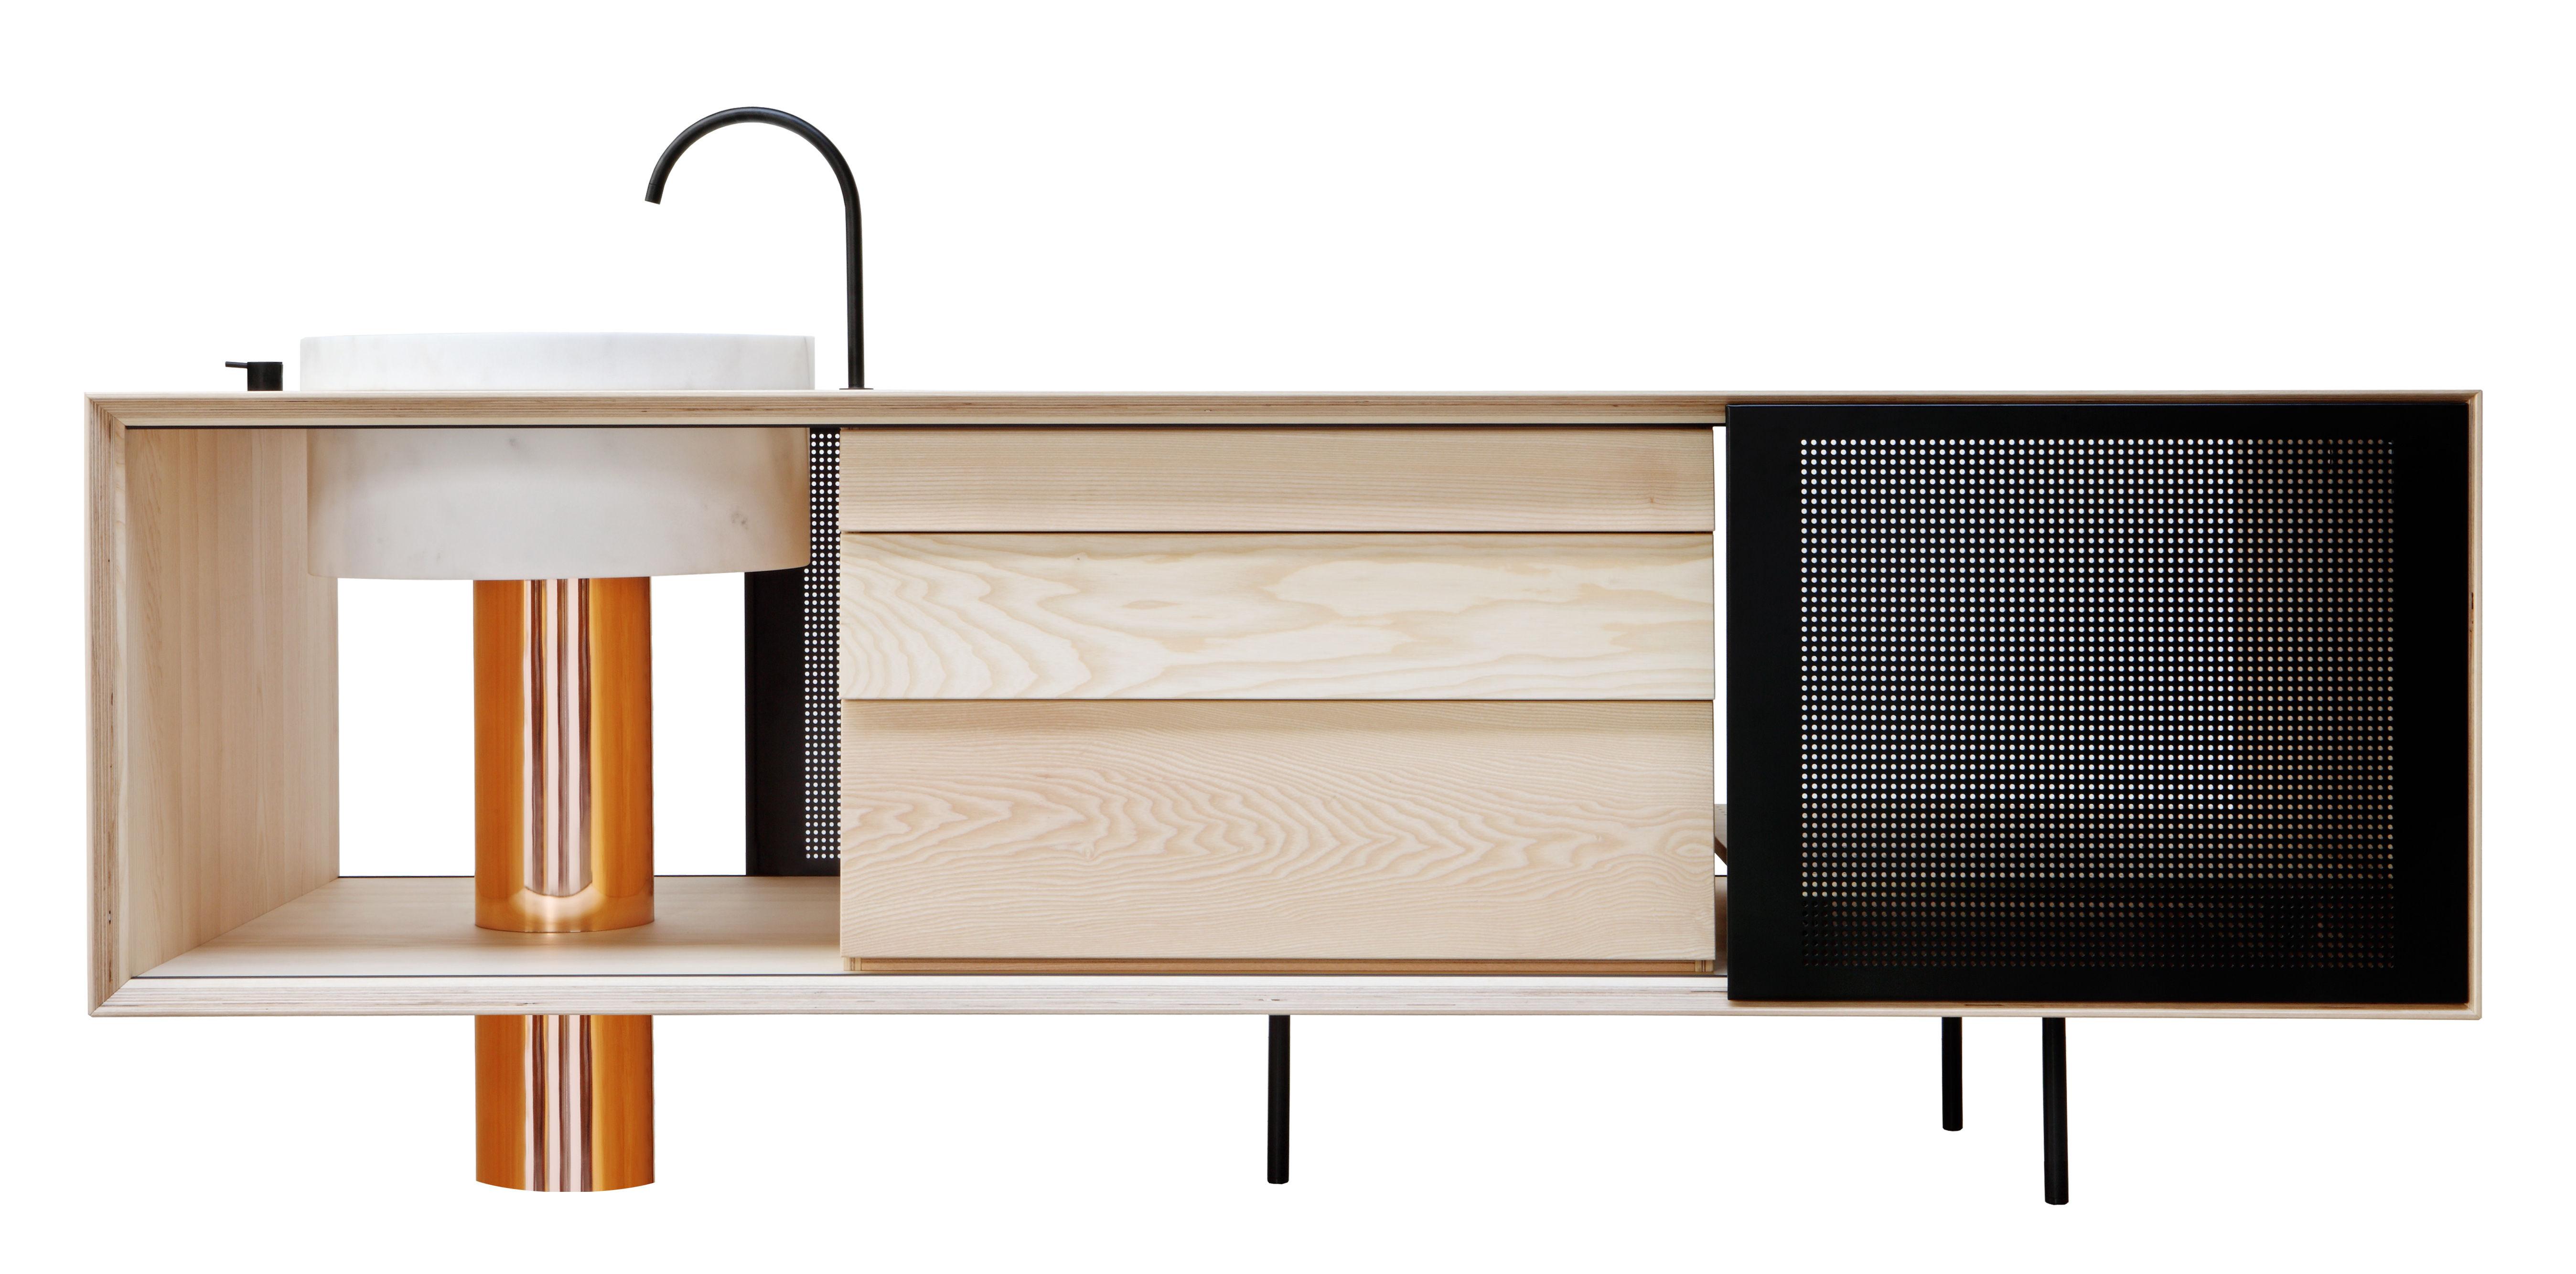 Ilot de cuisine float avec vier marbre l 244 cm bois noir cuivre marbr - Evier integre plan de travail ...